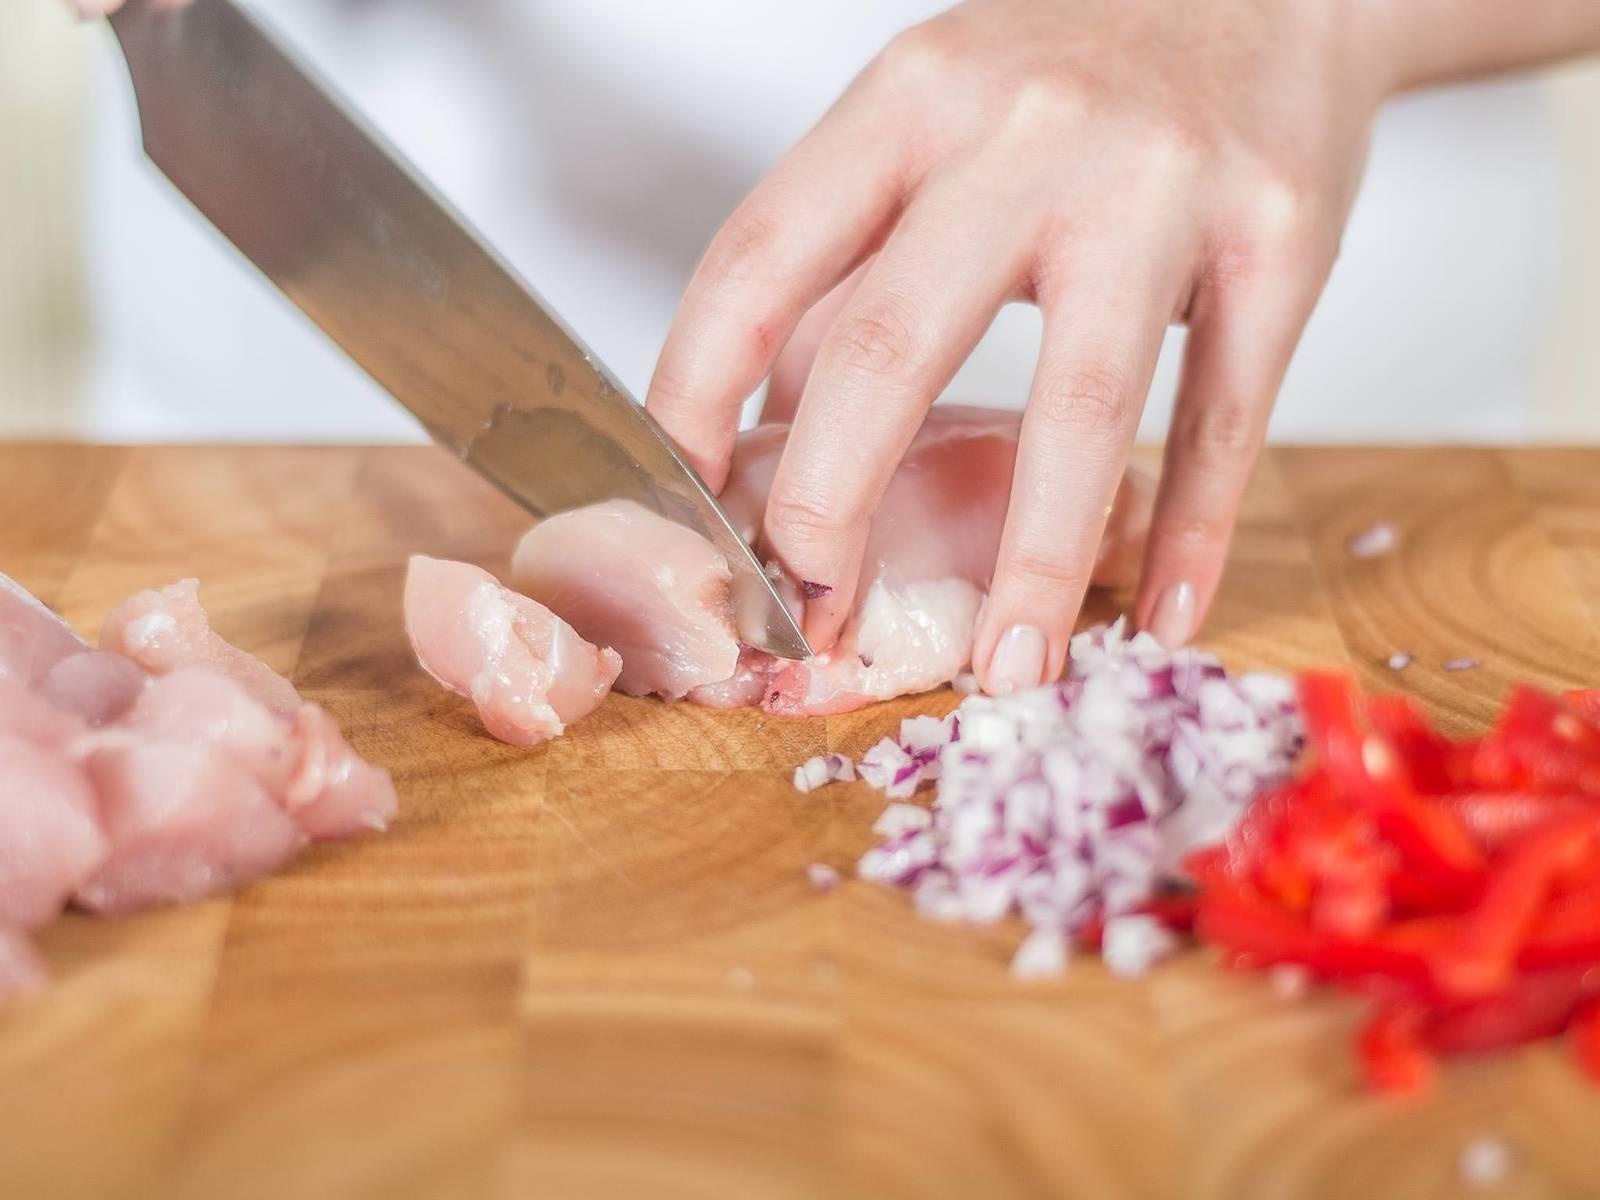 姜切碎,洋葱切丁,灯笼椒切成细条,鸡胸肉切块。